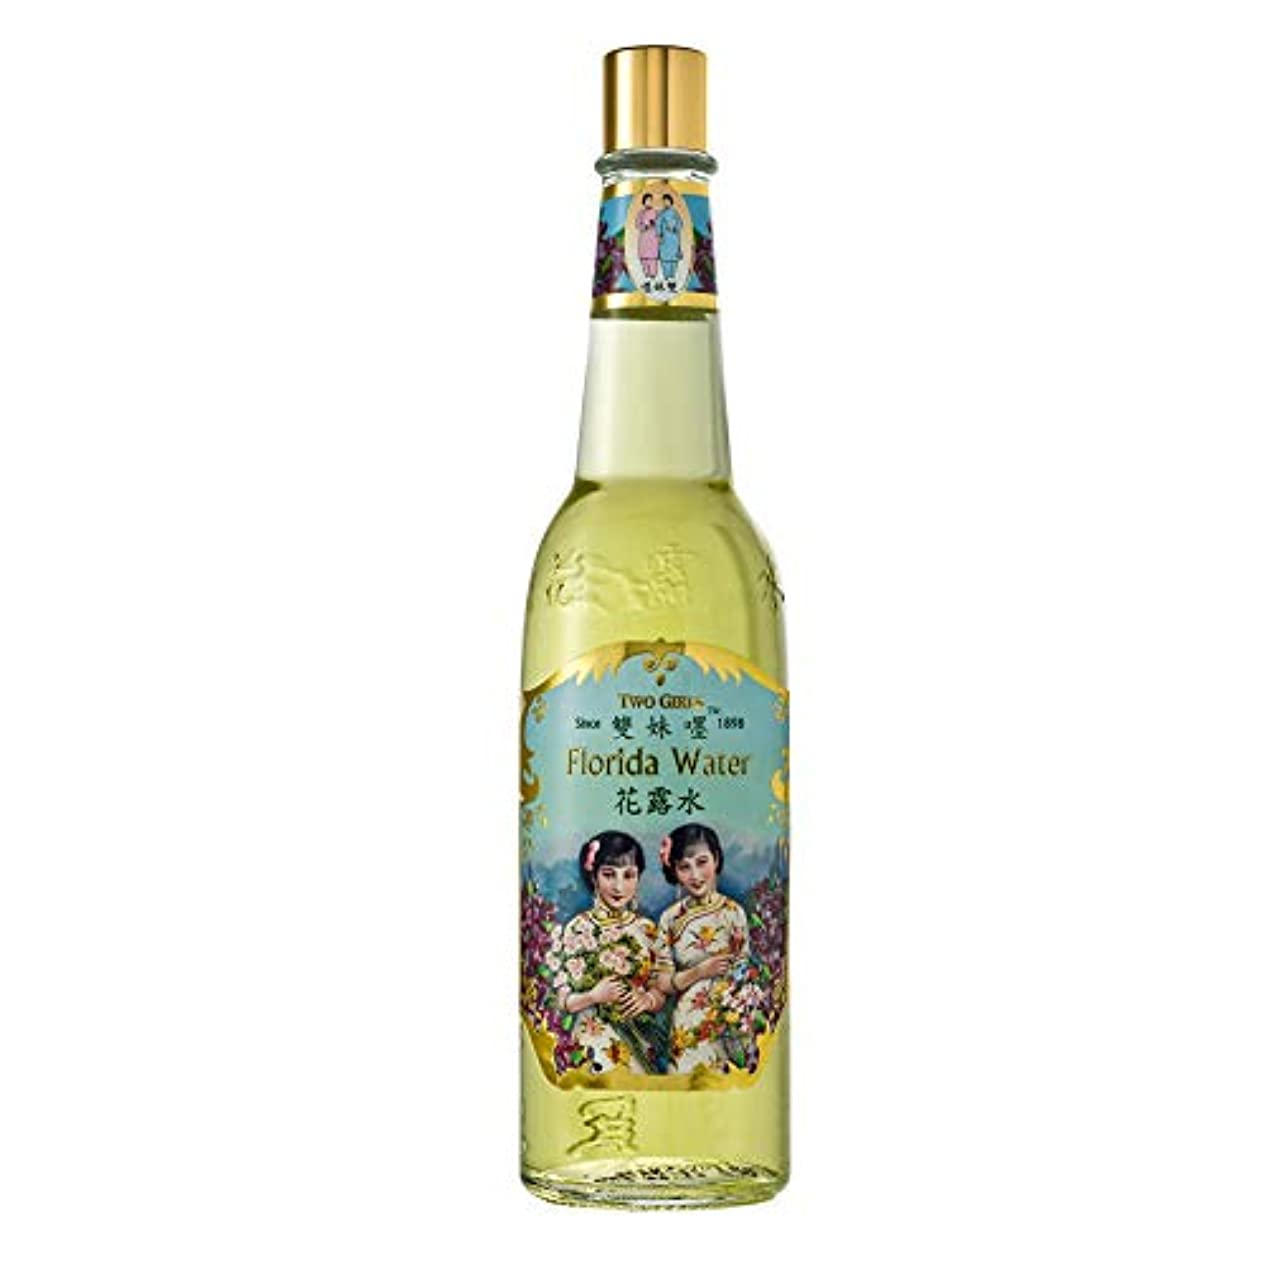 労苦仲良しナインへ香港のお土産 双子の姉妹 双子マーク「雙妹嚜」 オーデコロン スプレータイプ (200ml) 防虫剤 香水